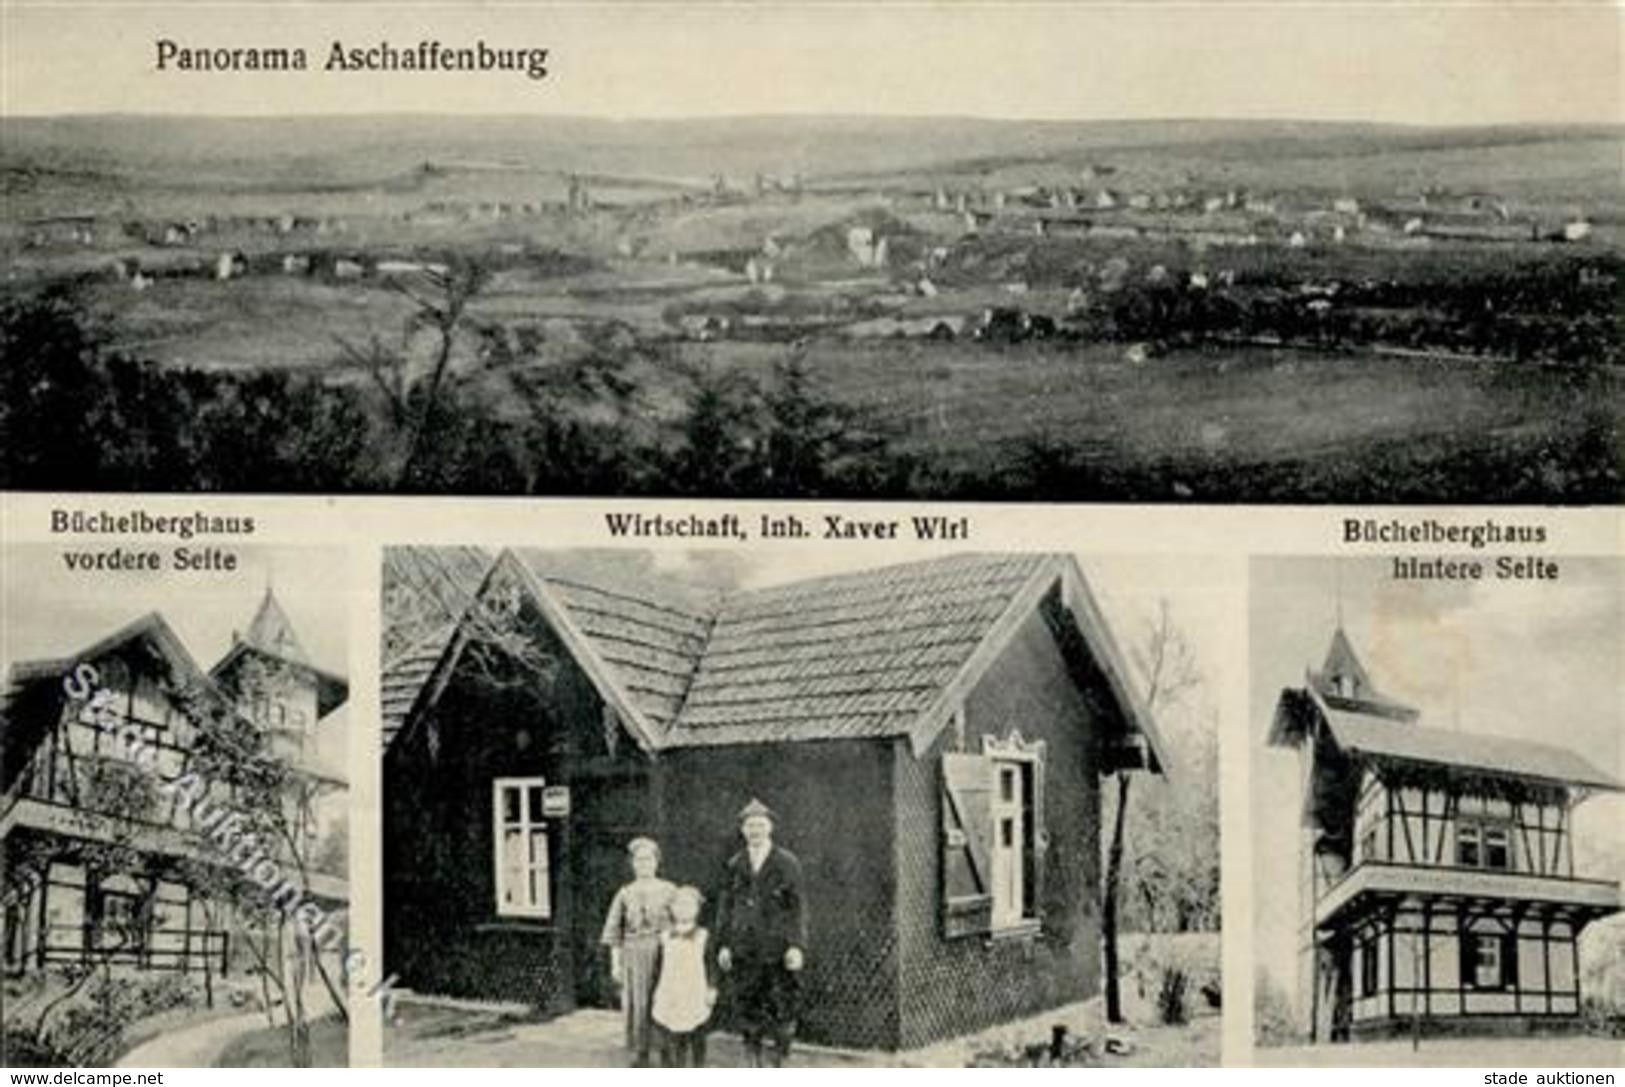 Aschaffenburg, Gast¬wirtschaft von Xaver Wirl, Büchelberghaus, verkauft bei Stade für 290,– €.